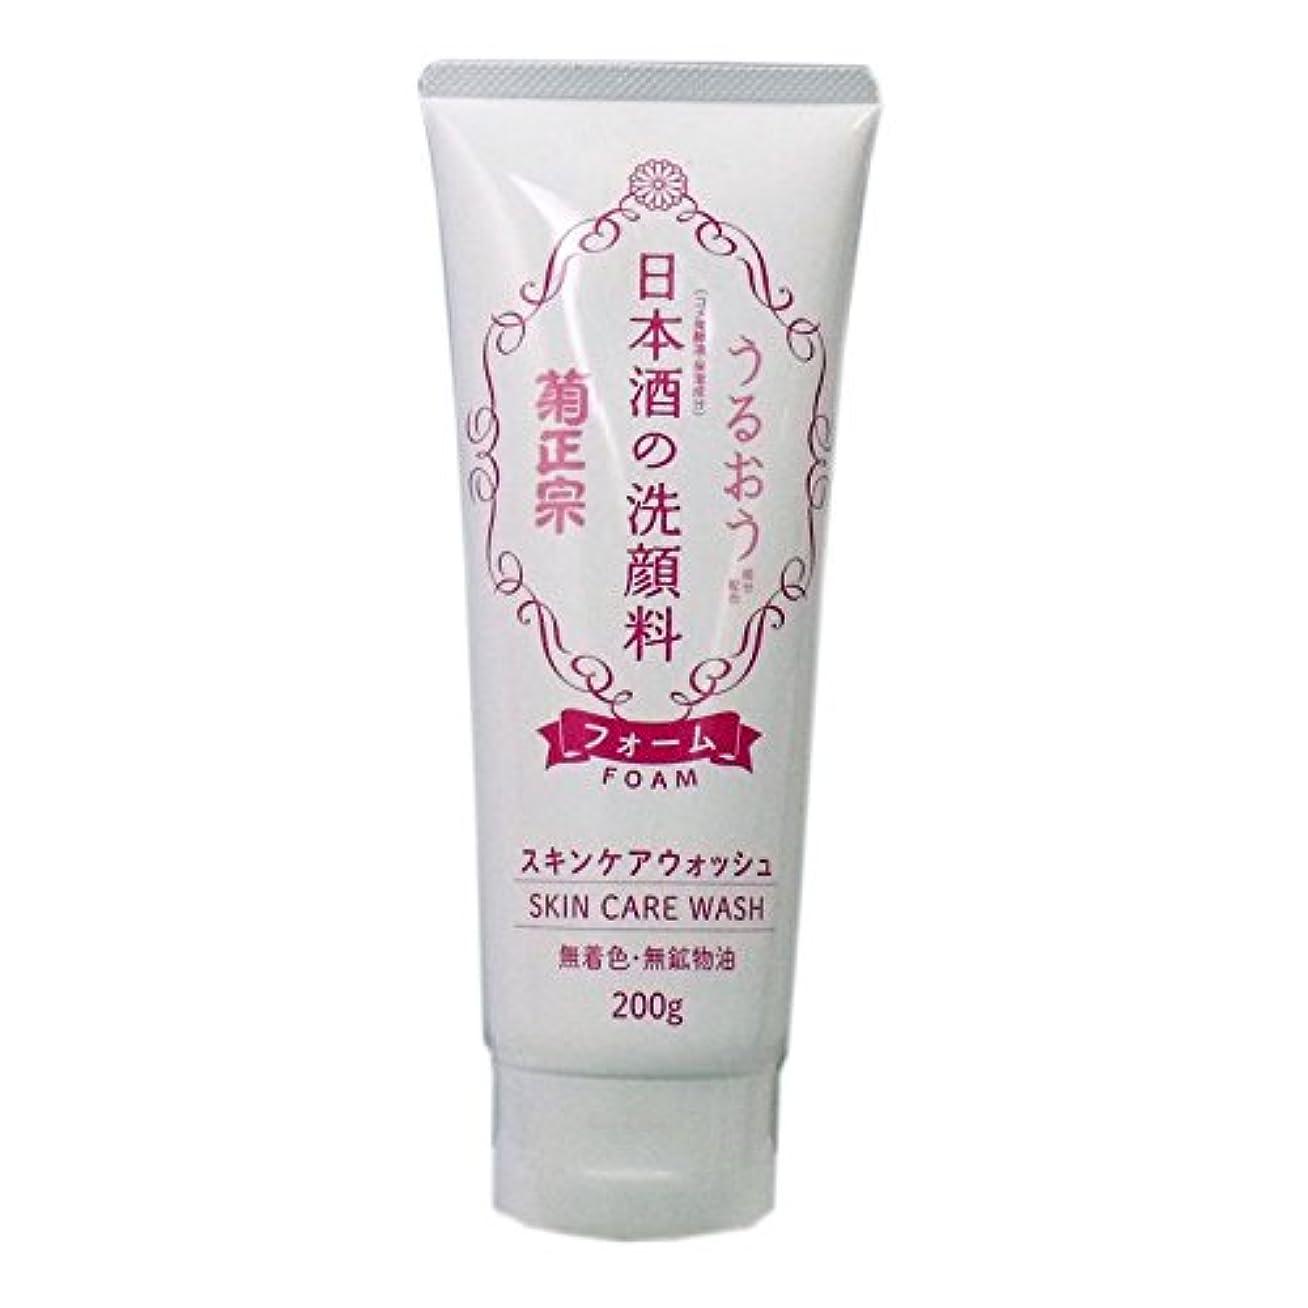 うがい薬神の市長【ケース販売】菊正宗 日本酒の洗顔料 200g ×30個